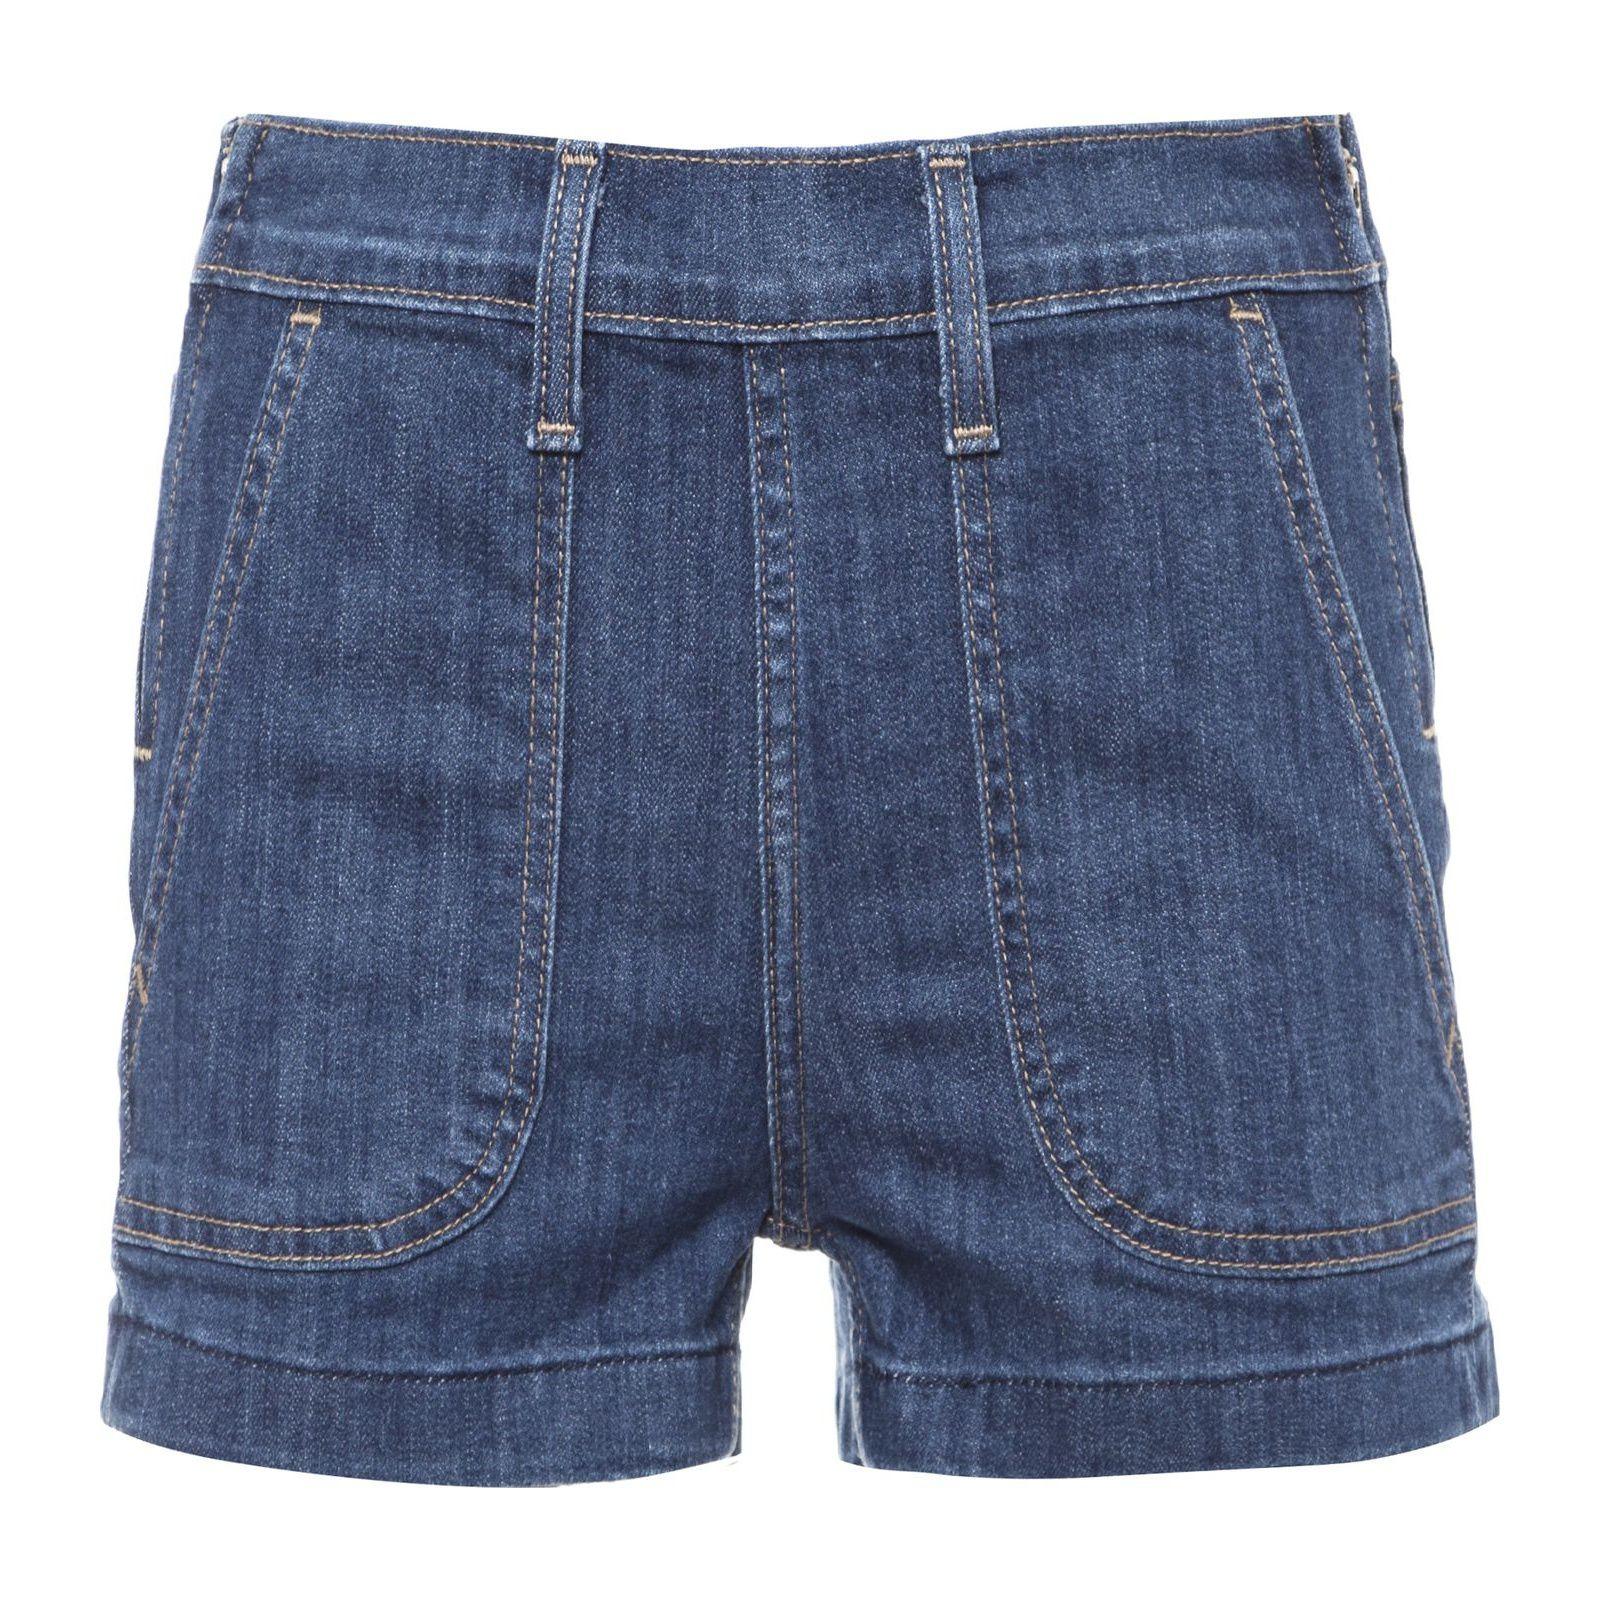 Short Jeans Detalhe Zíper - Azul